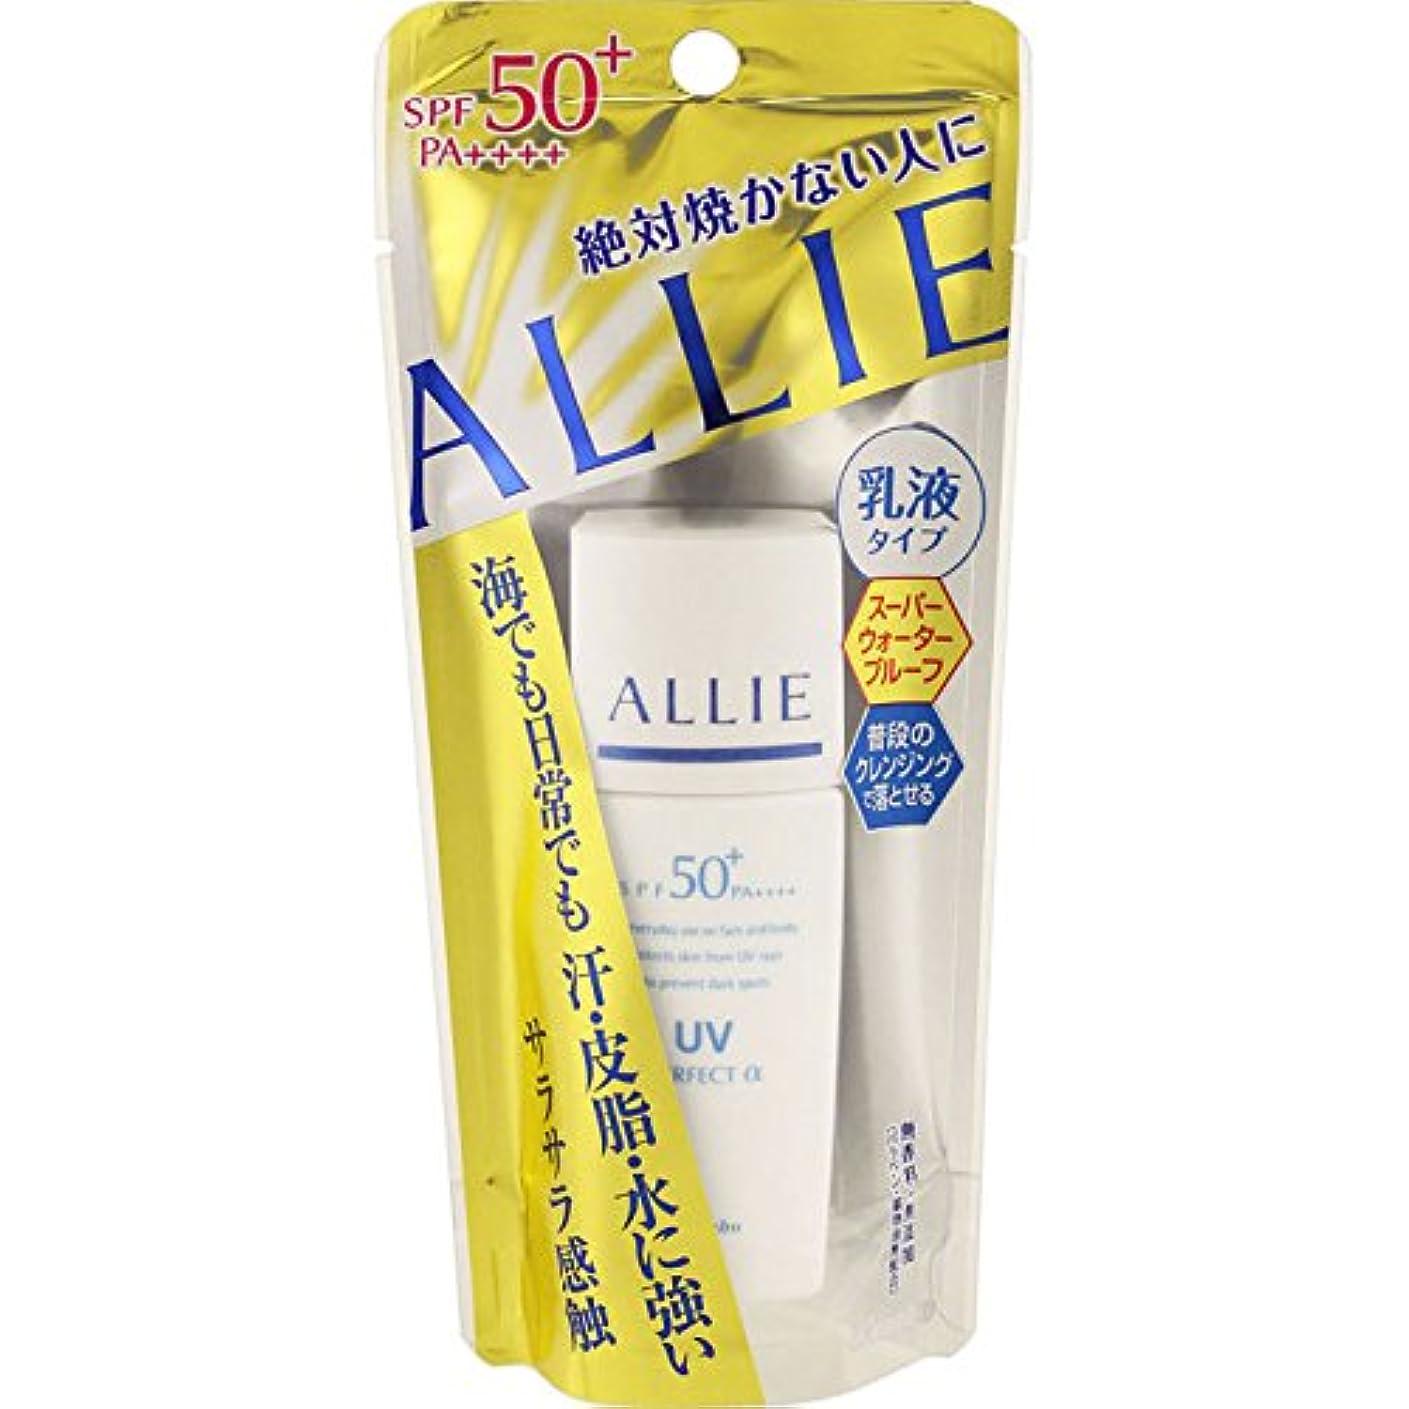 ちっちゃい参照ソーダ水【カネボウ】 ALLIE(アリィー) エクストラUVプロテクター(パーフェクトアルファ)S 25mlミニ (SPF50+/PA+++)